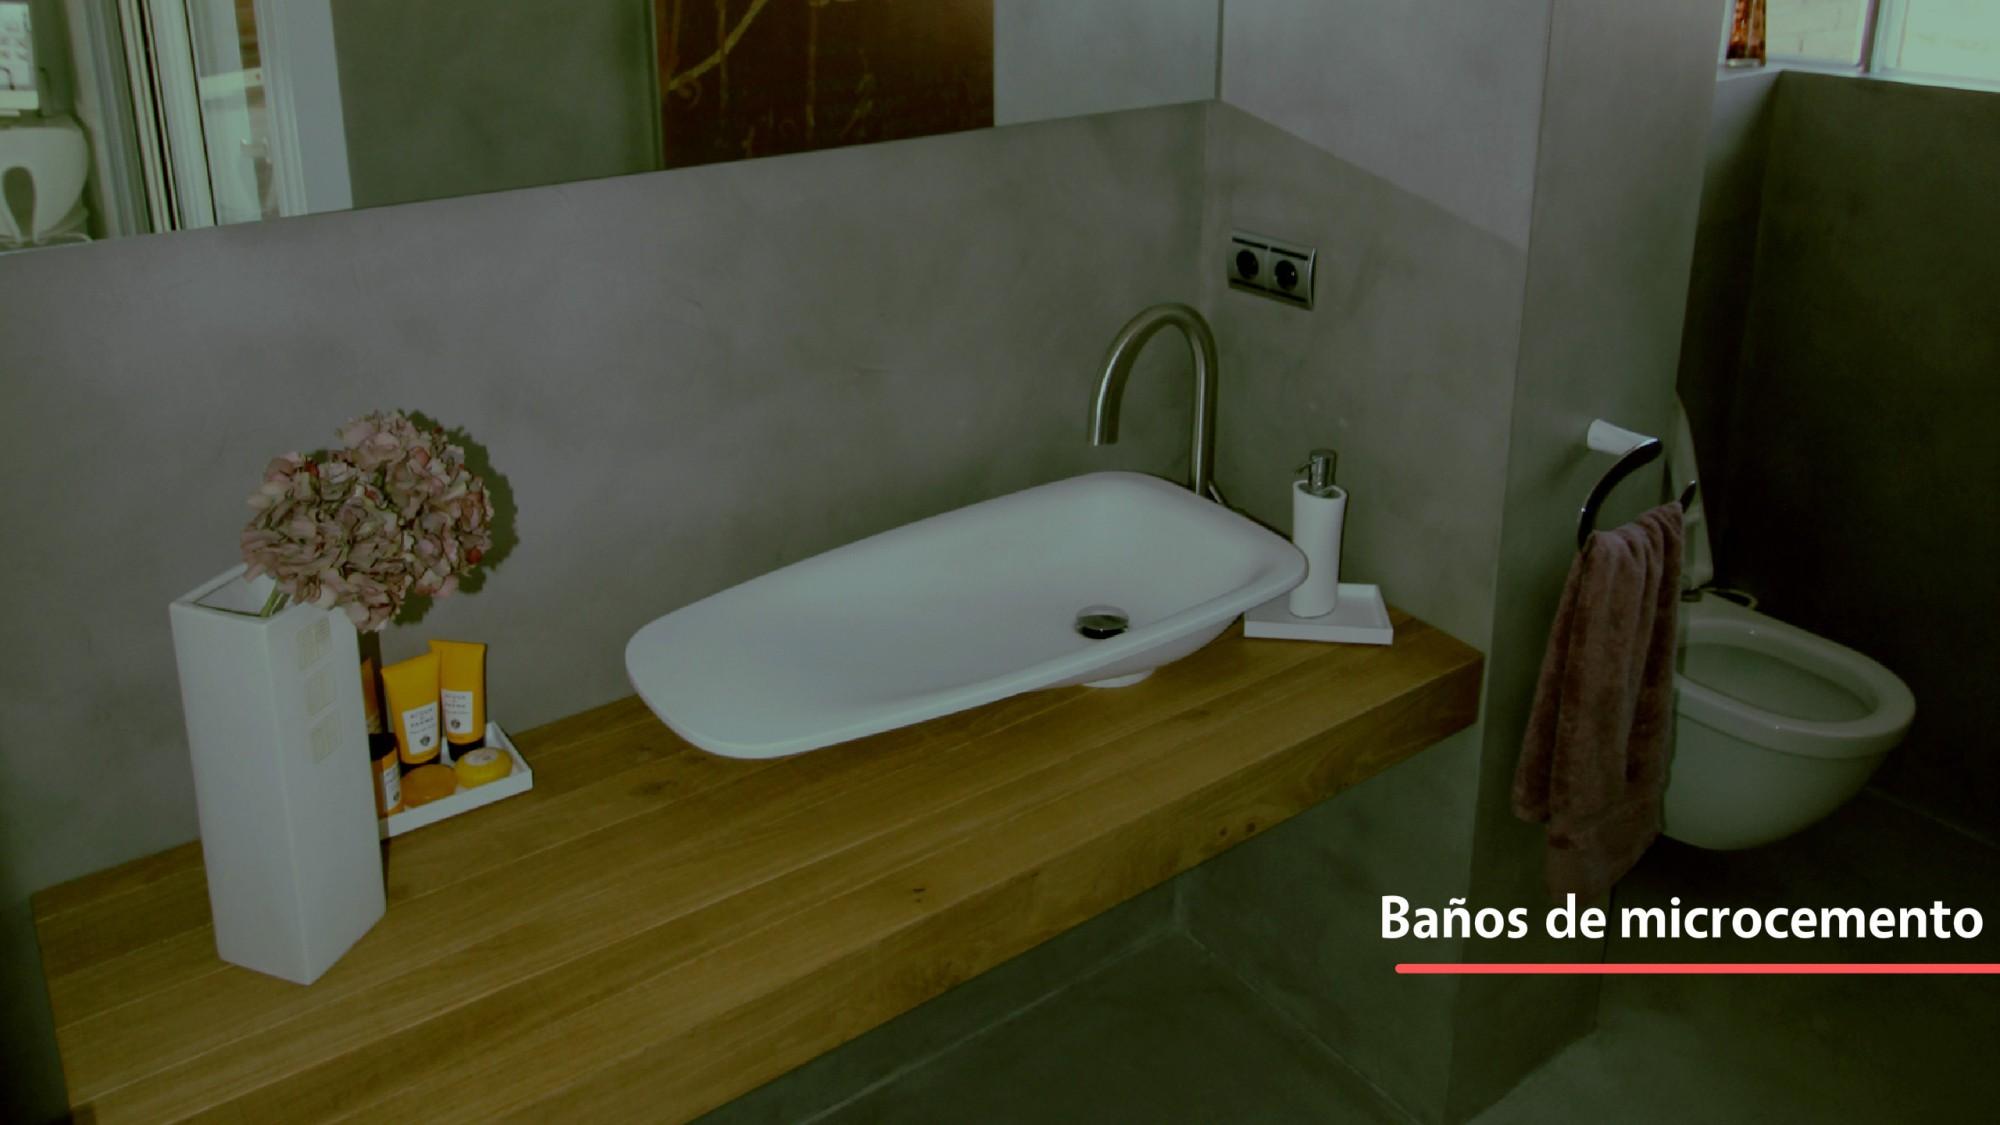 Baños hechos de microcemento